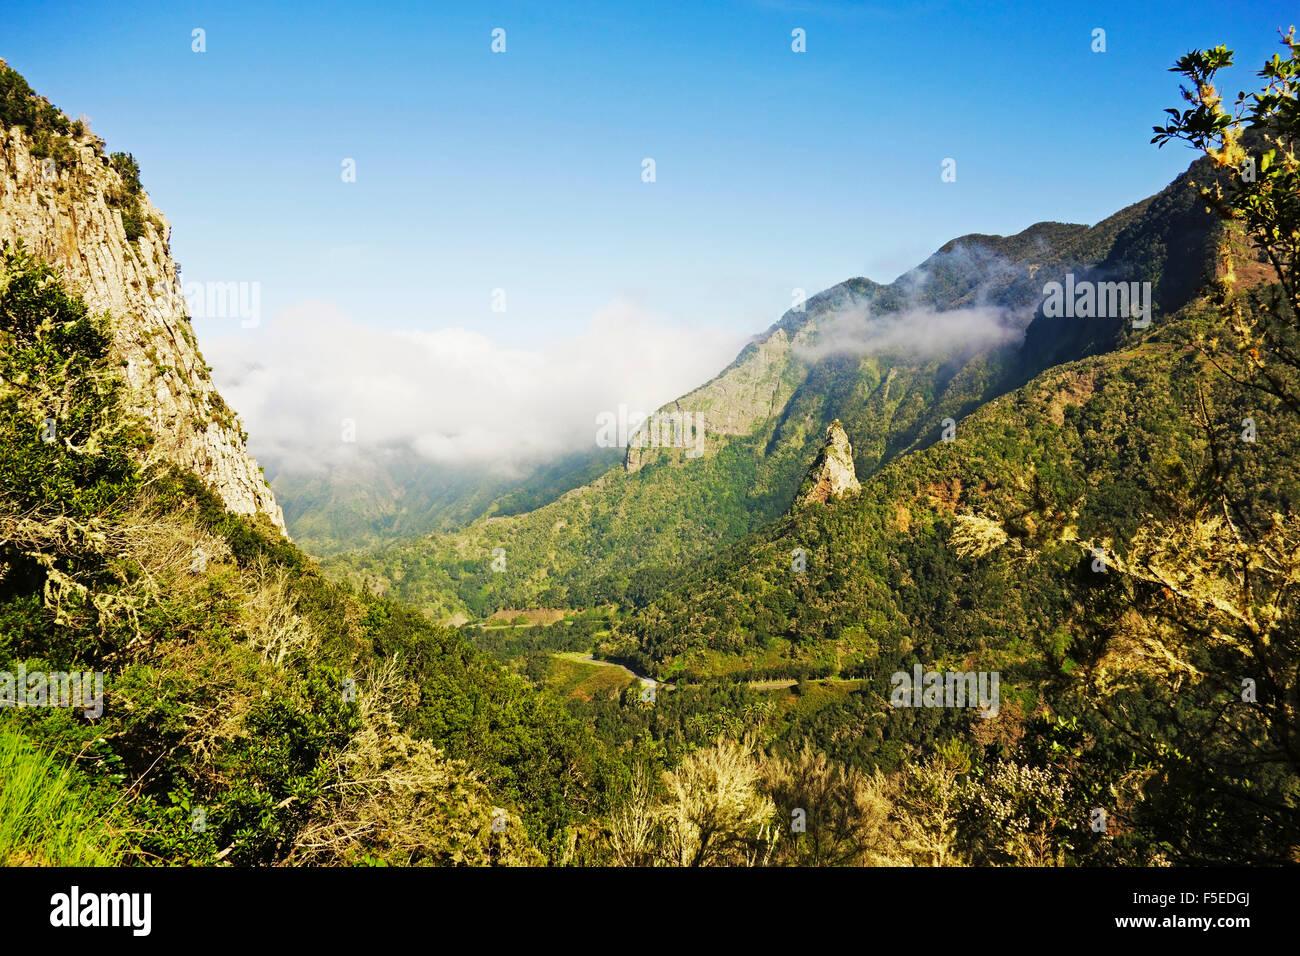 Valle de Hermigua, Parque Nacional de Garajonay, UNESCO-Weltkulturerbe, La Gomera, Kanarische Inseln, Spanien, Europa Stockfoto